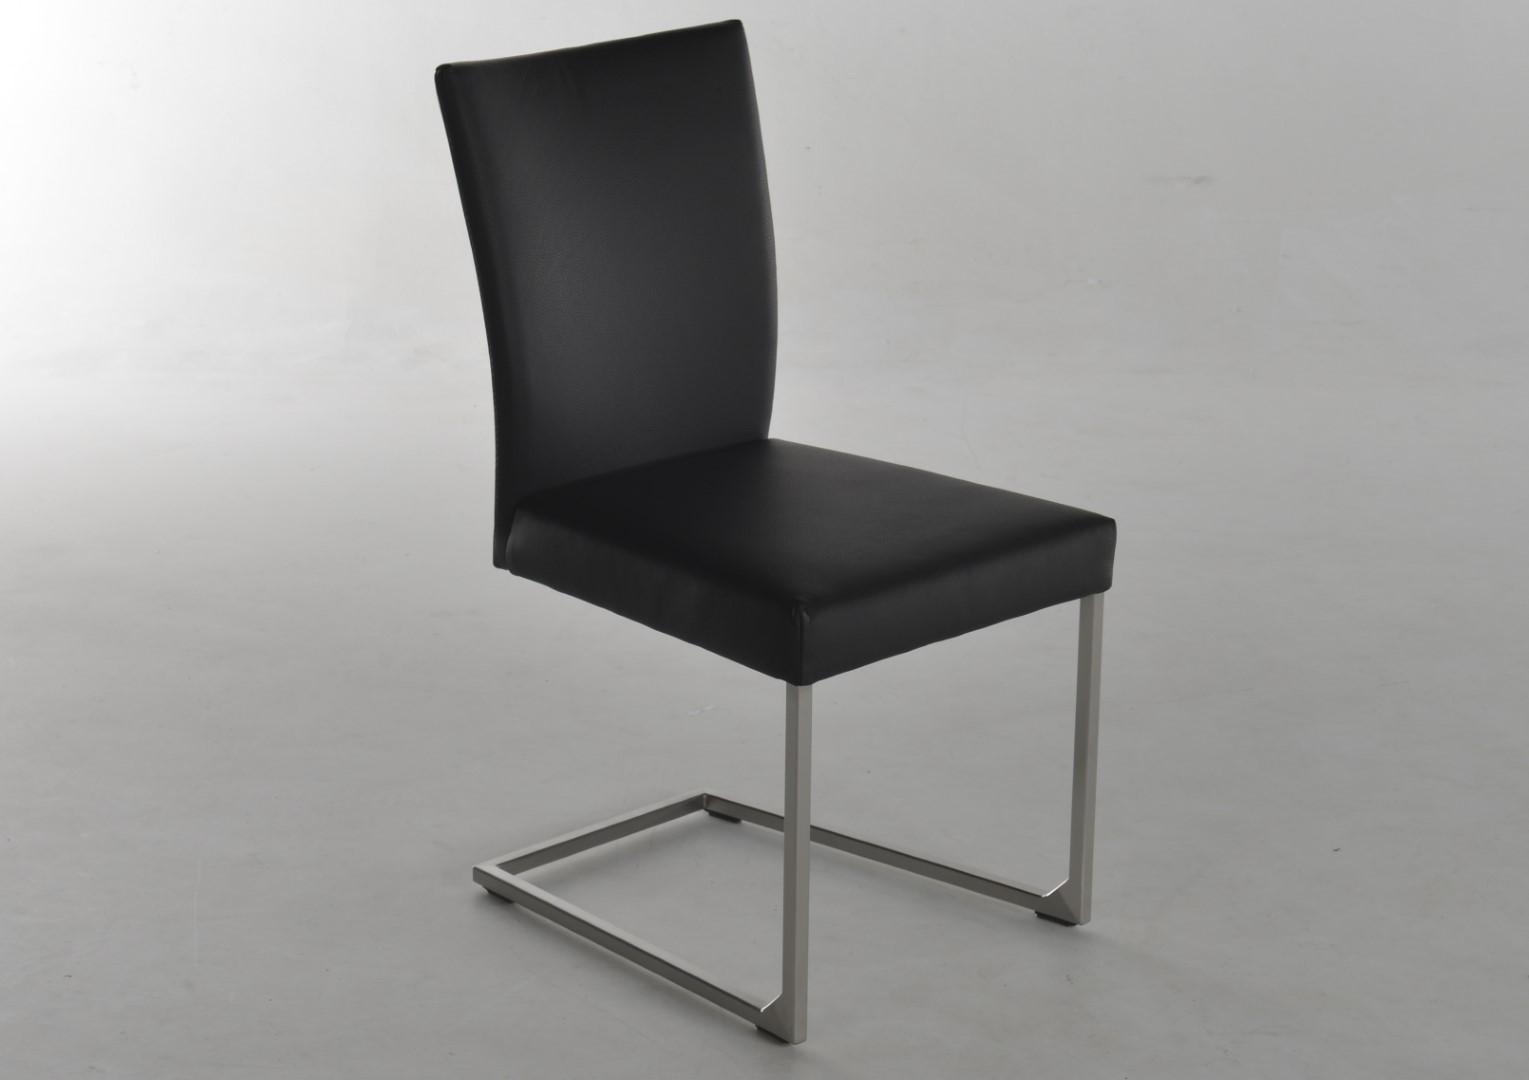 misty eetkamerstoel bert plantagie outlet. Black Bedroom Furniture Sets. Home Design Ideas